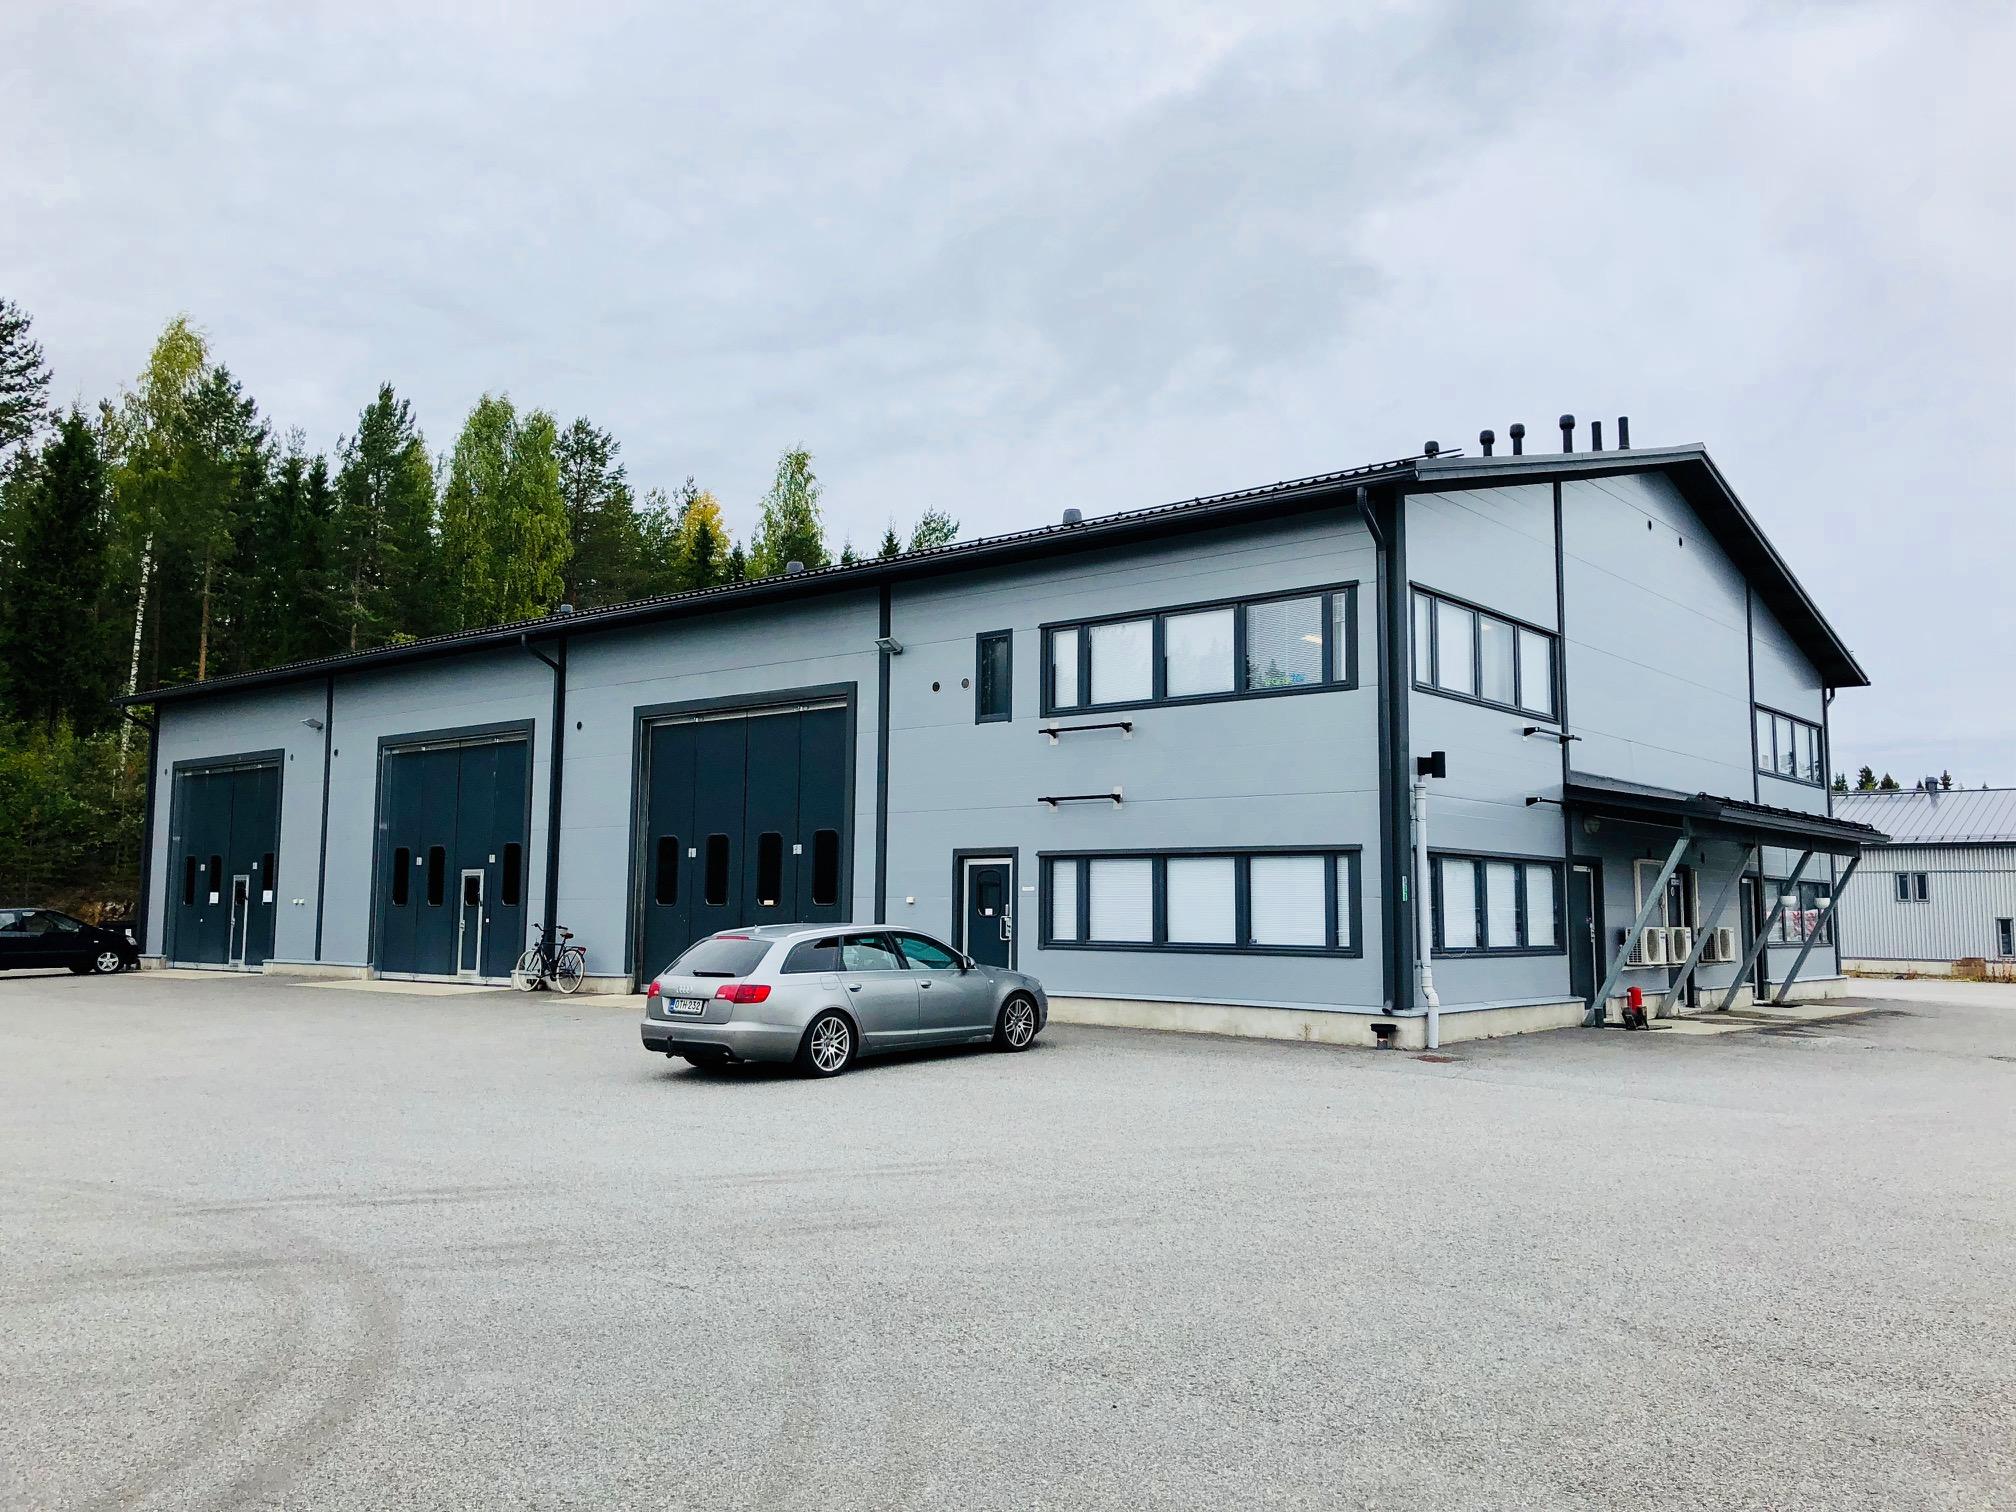 Hakekatu 9, Kylmämäki, Kuopio